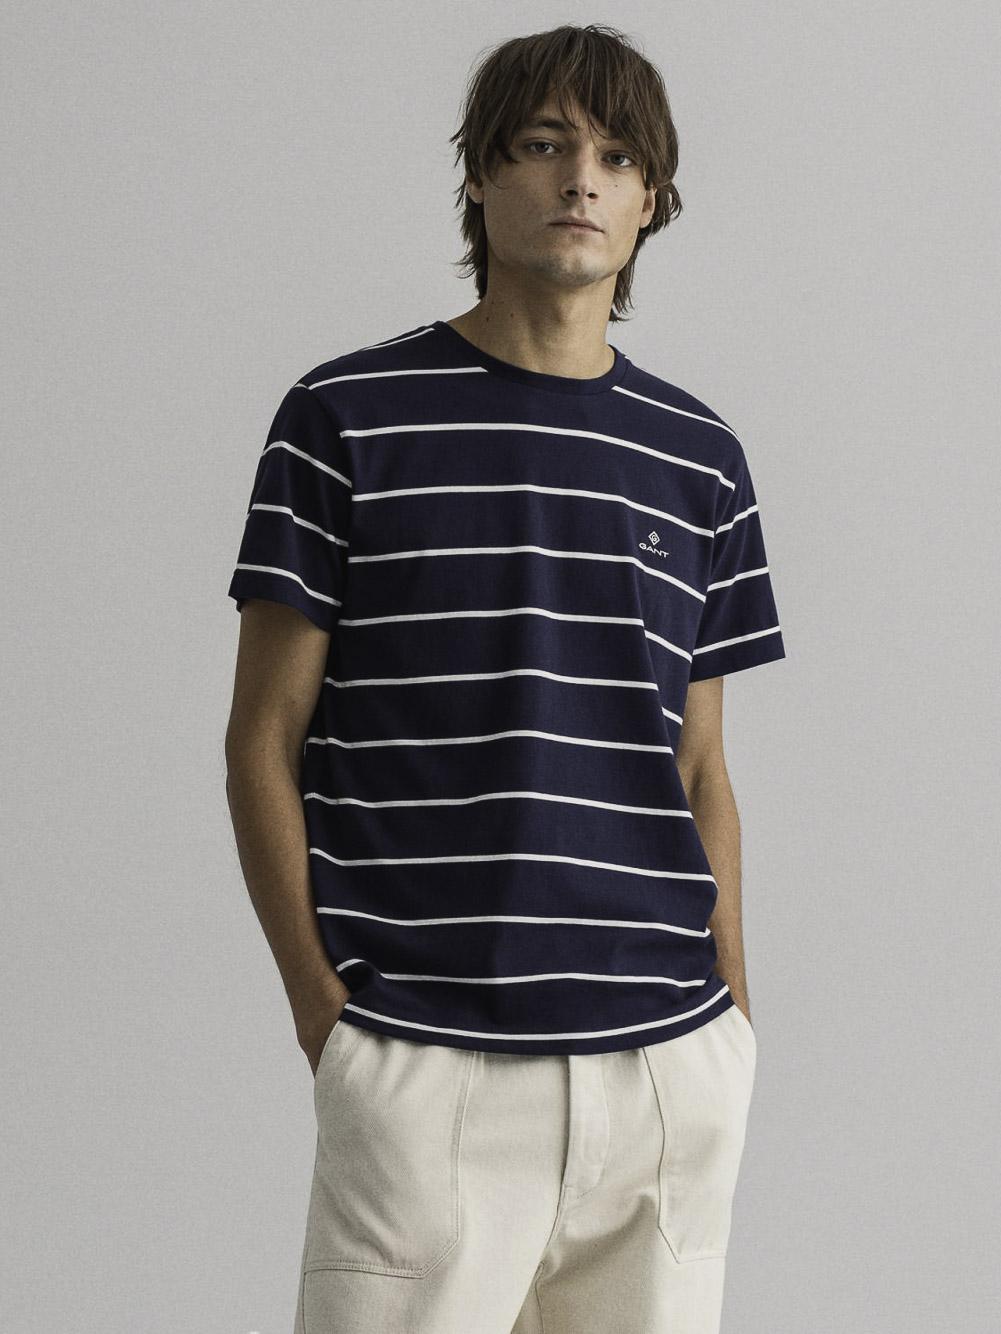 GANT Μπλούζα t-shirt 3G2023001-433 ΣΚΟΥΡΟ ΜΠΛΕ